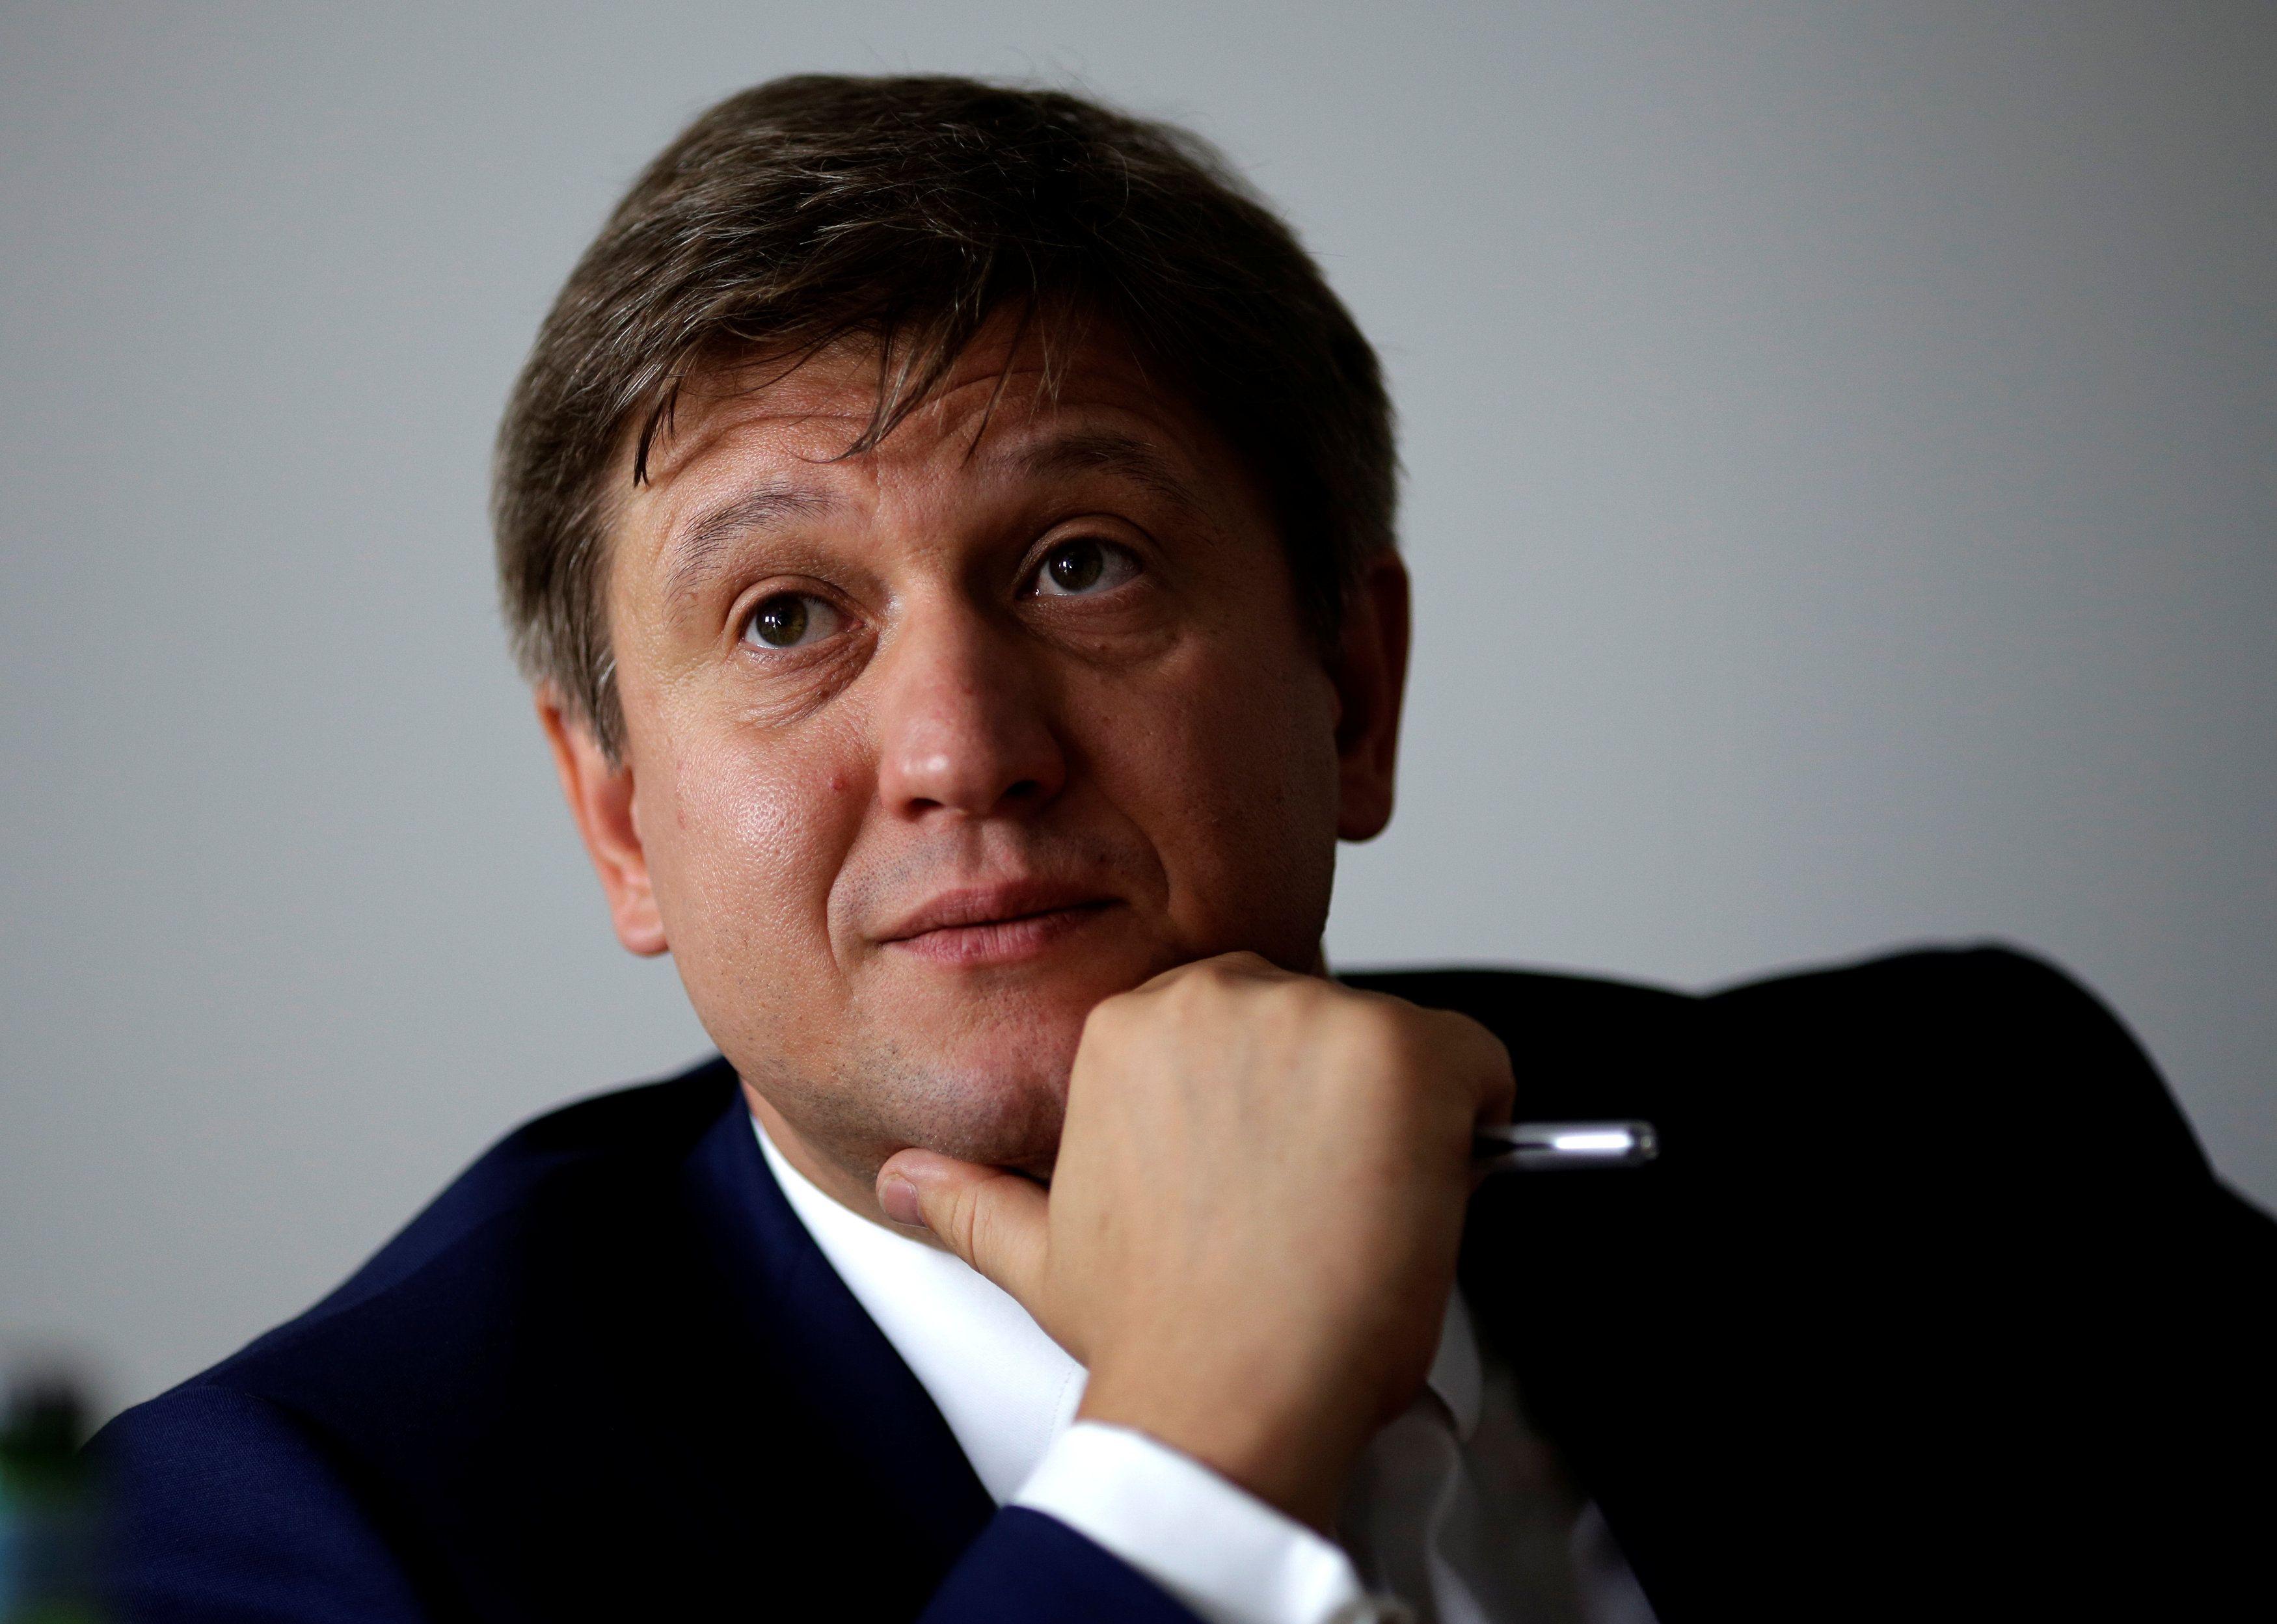 Александр Данилюк написал заявление об отставке с поста секретаря СНБО, сообщили у Владимира Зеленского - Данилюк РНБО